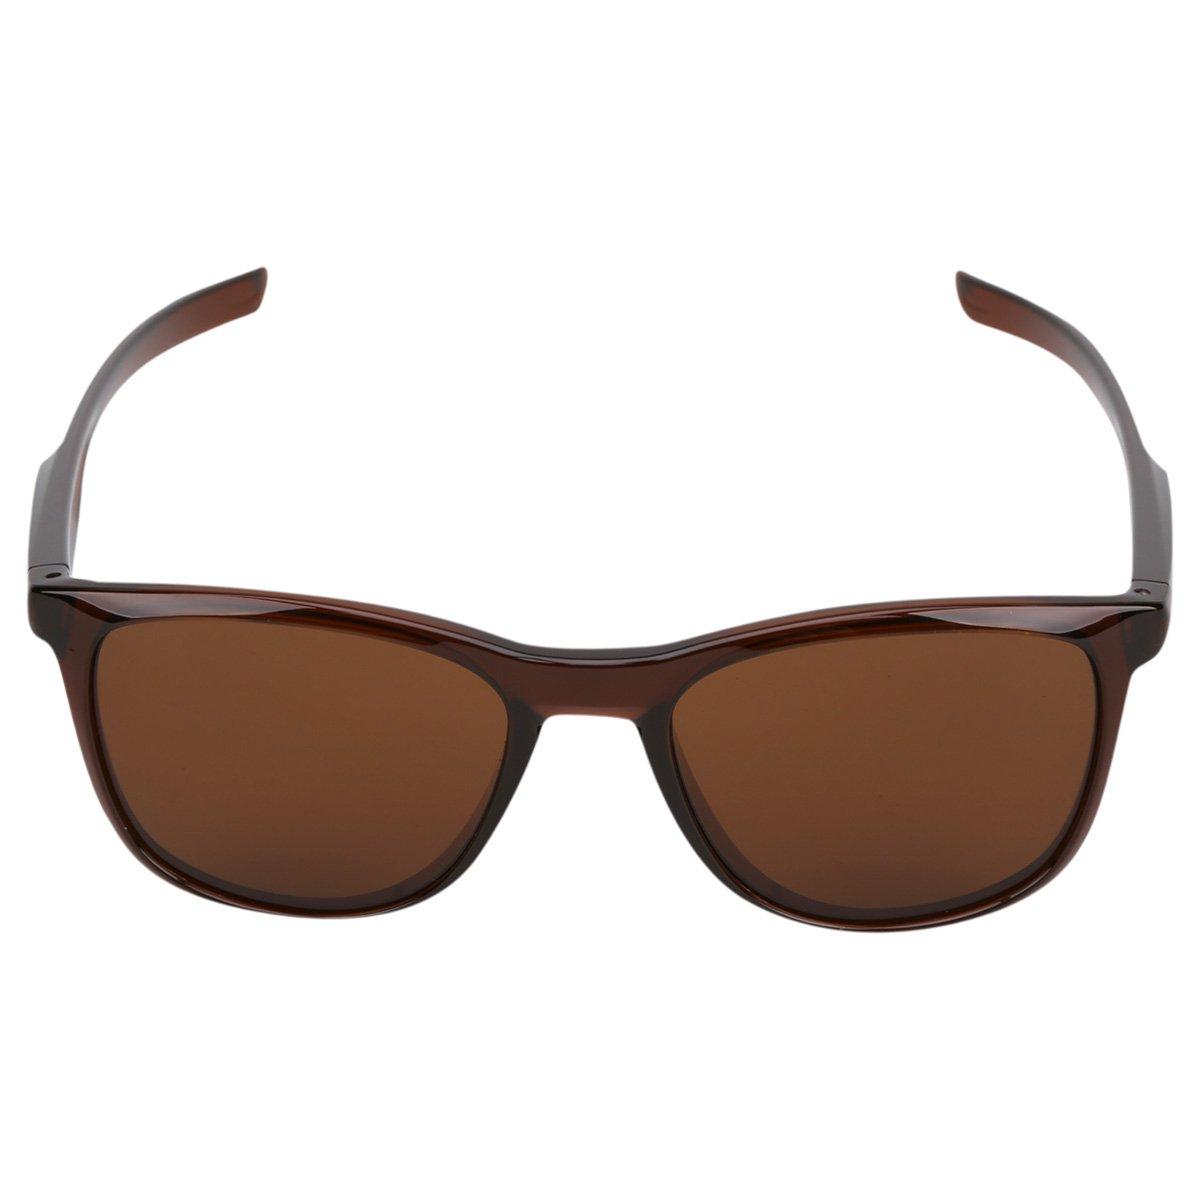 1b5c985897534 Óculos de Sol Oakley Trillbe X Masculino - Compre Agora   Zattini